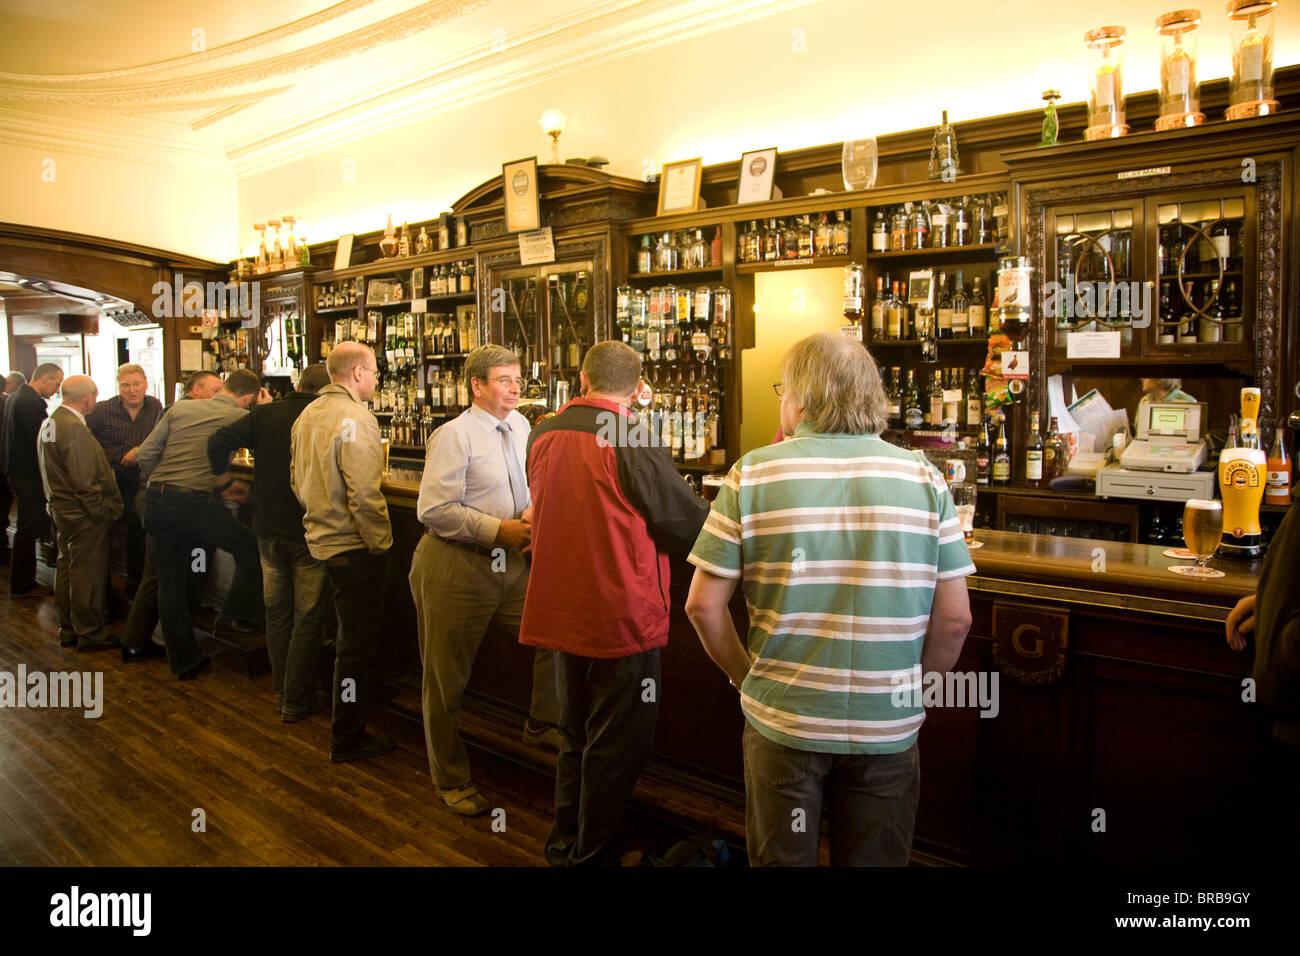 Gay bar aberdeen scotland